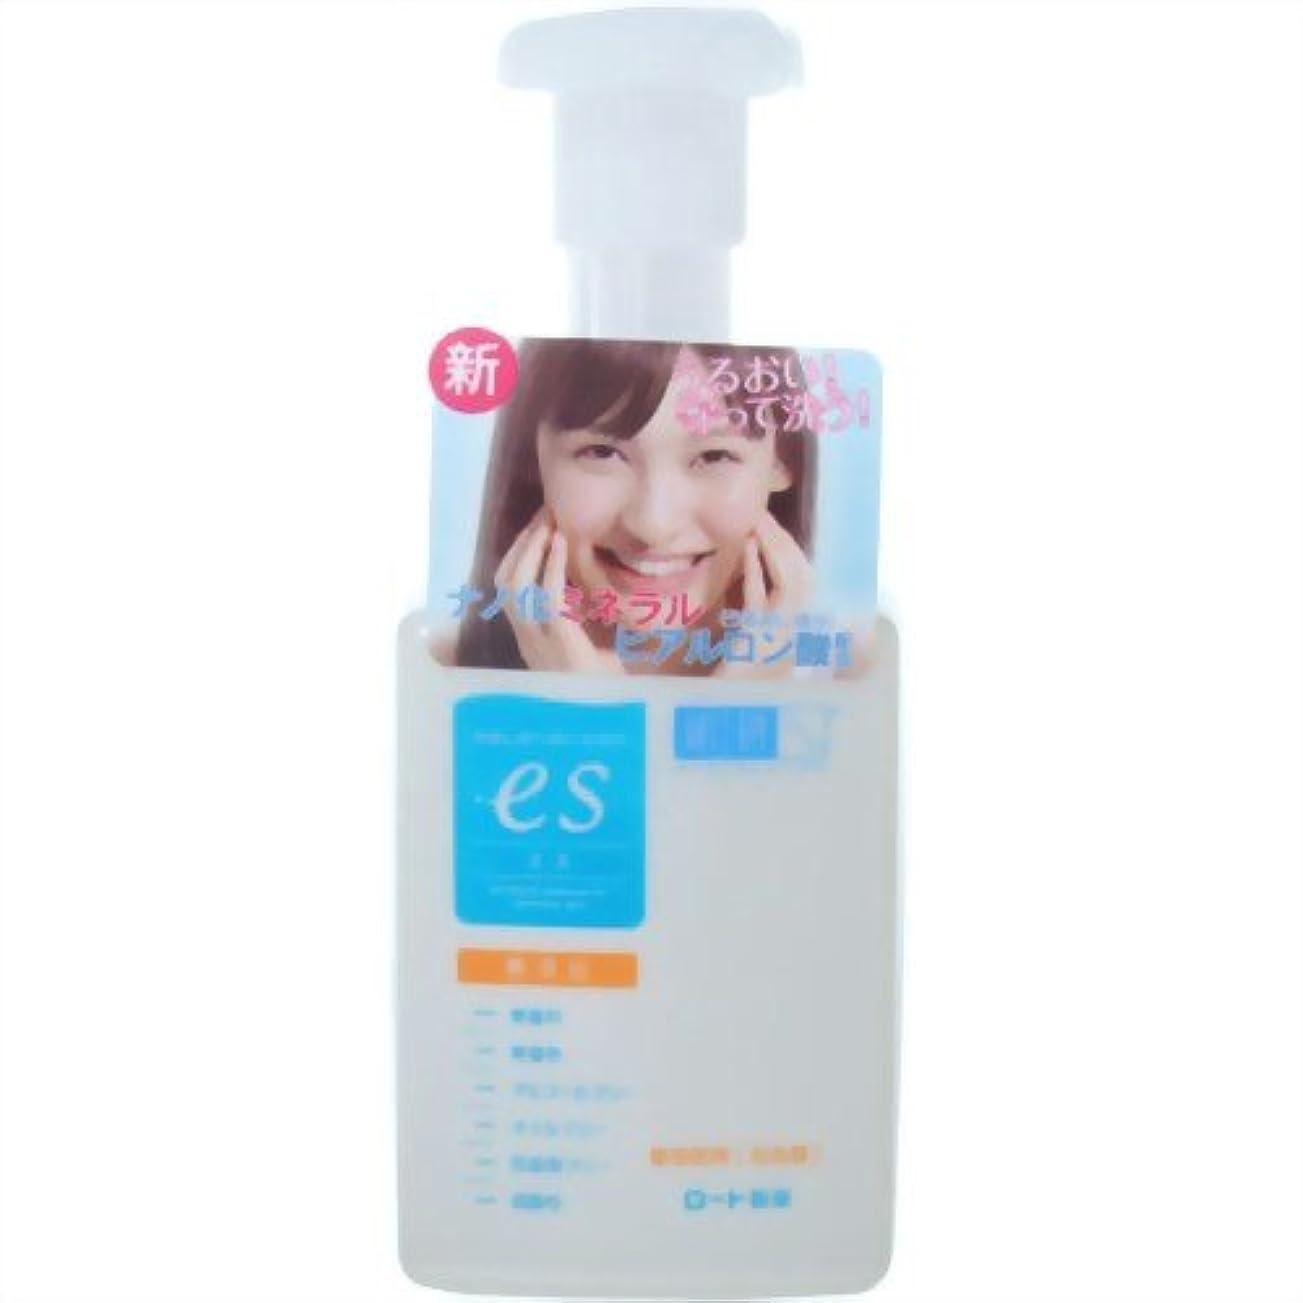 タバコそうでなければ八百屋さん肌ラボ es(エス)ナノ化ミネラルヒアルロン酸配合 無添加処方 洗顔泡タイプ 160ml